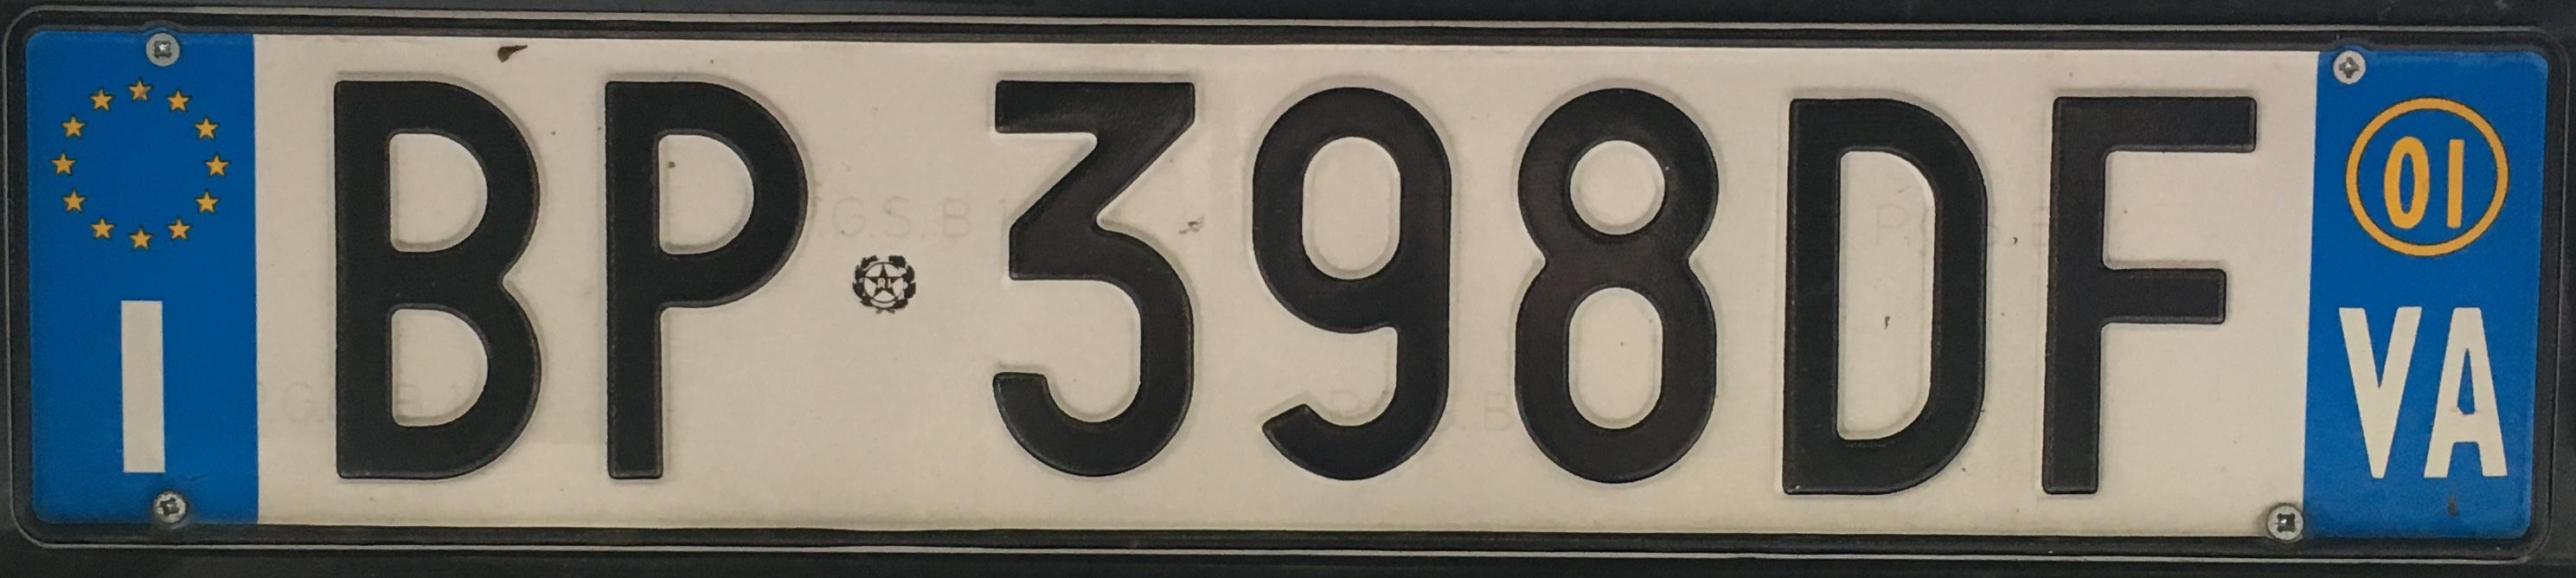 Registrační značka Itálie - VA - Varese, foto: vlastní